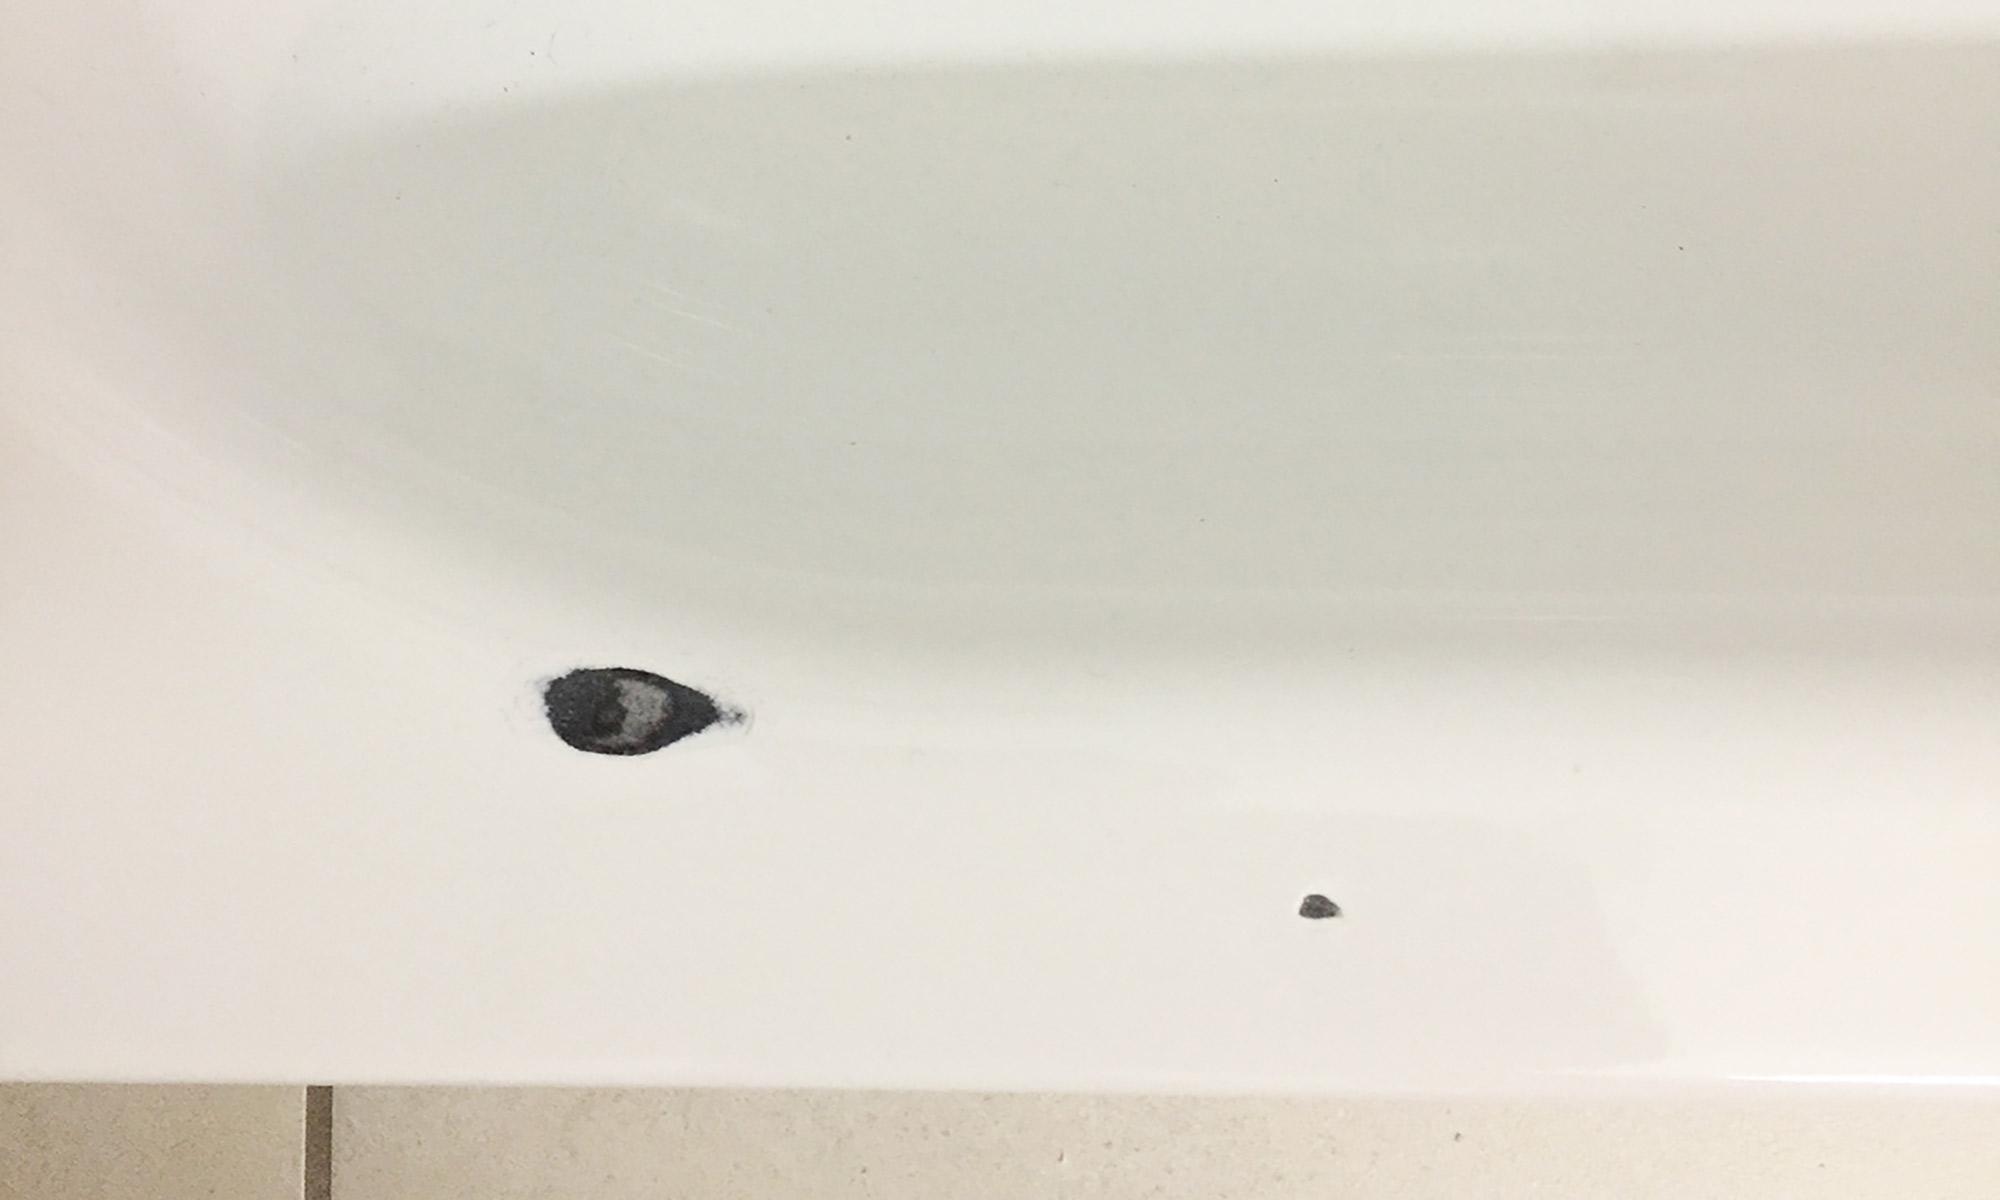 Schlagstelle in Badewanne